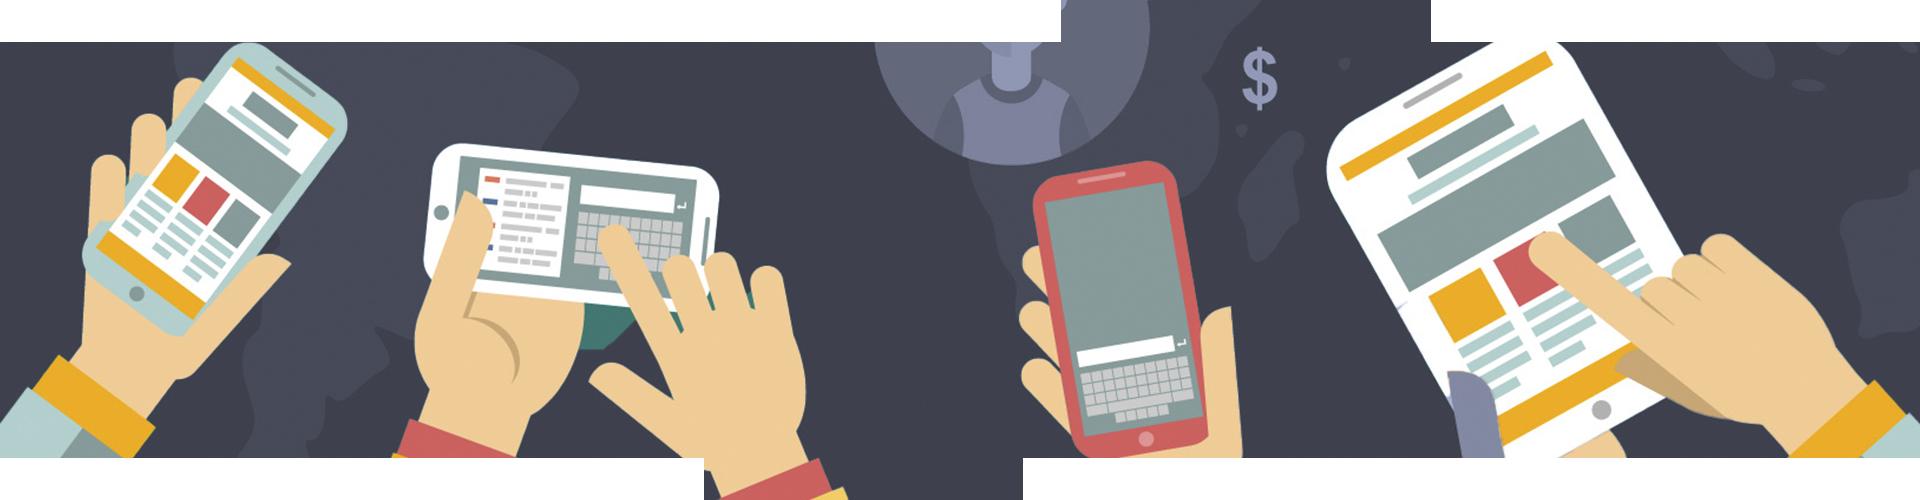 El Social media marketing representa nuestro nuevo producto eLearning destacado